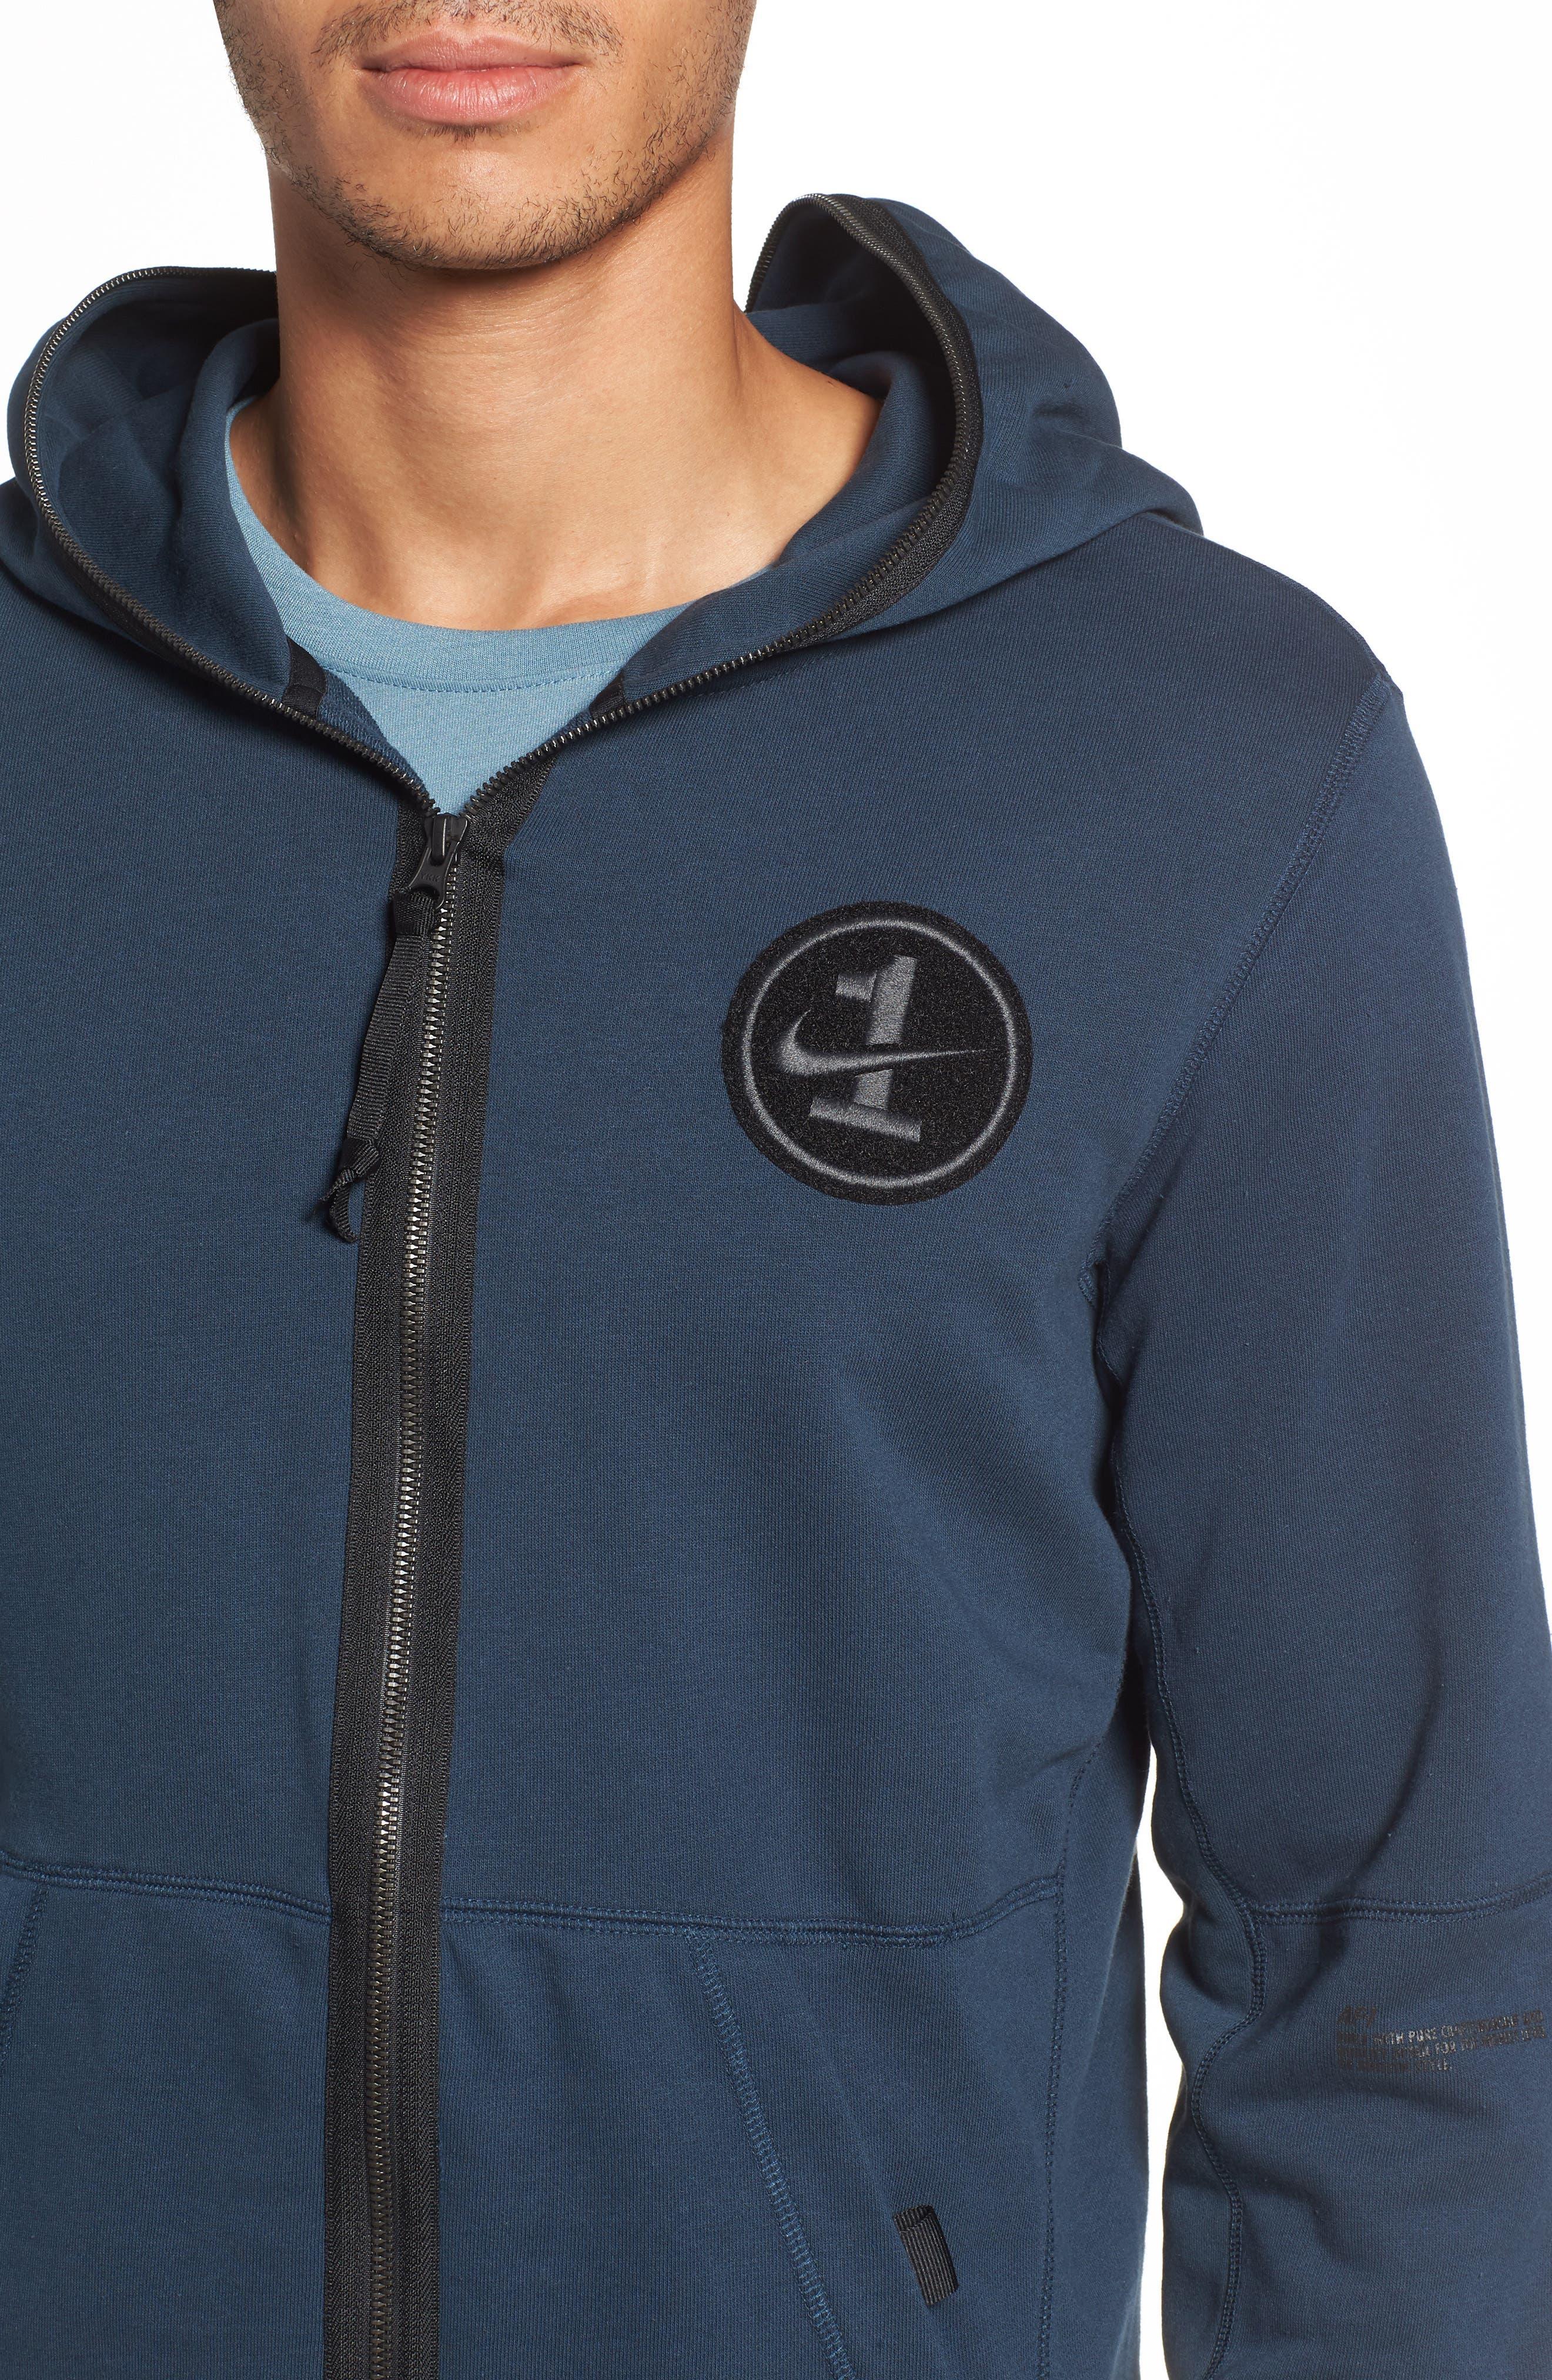 NIKE, Air Force One Zip Hoodie Jacket, Alternate thumbnail 5, color, ARMORY NAVY/ BLACK